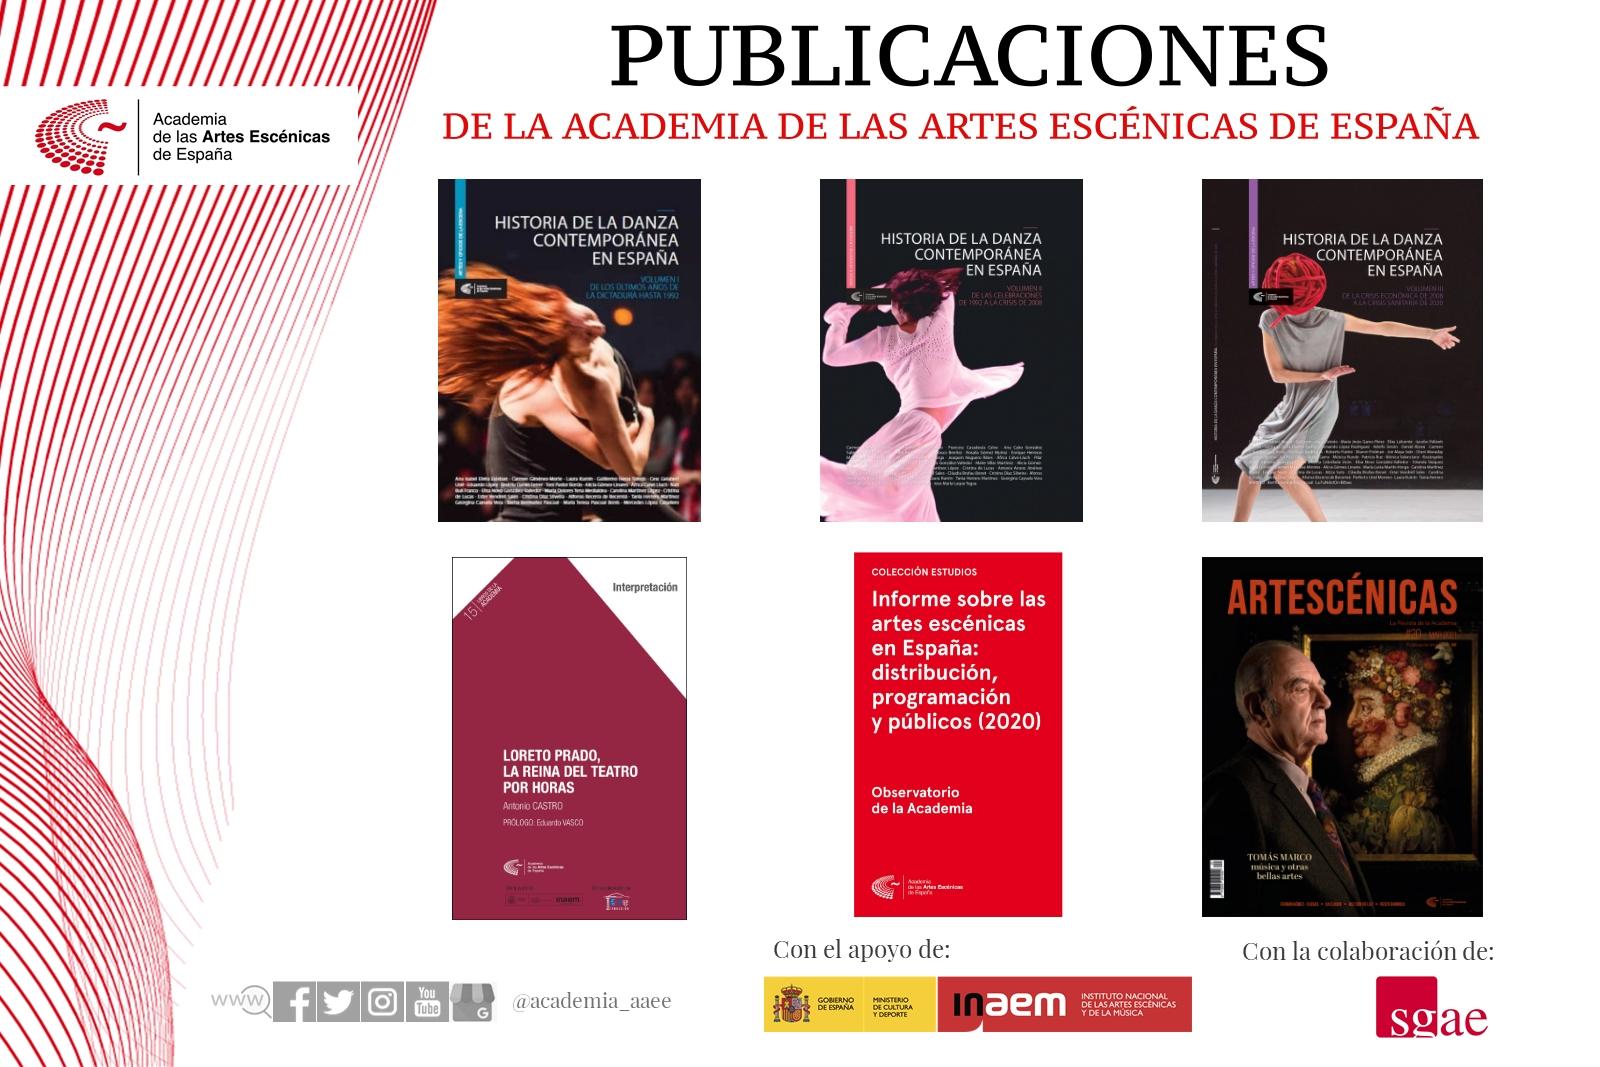 Foto de Publicaciones recientes de la Academia de las Artes Escénicas de España